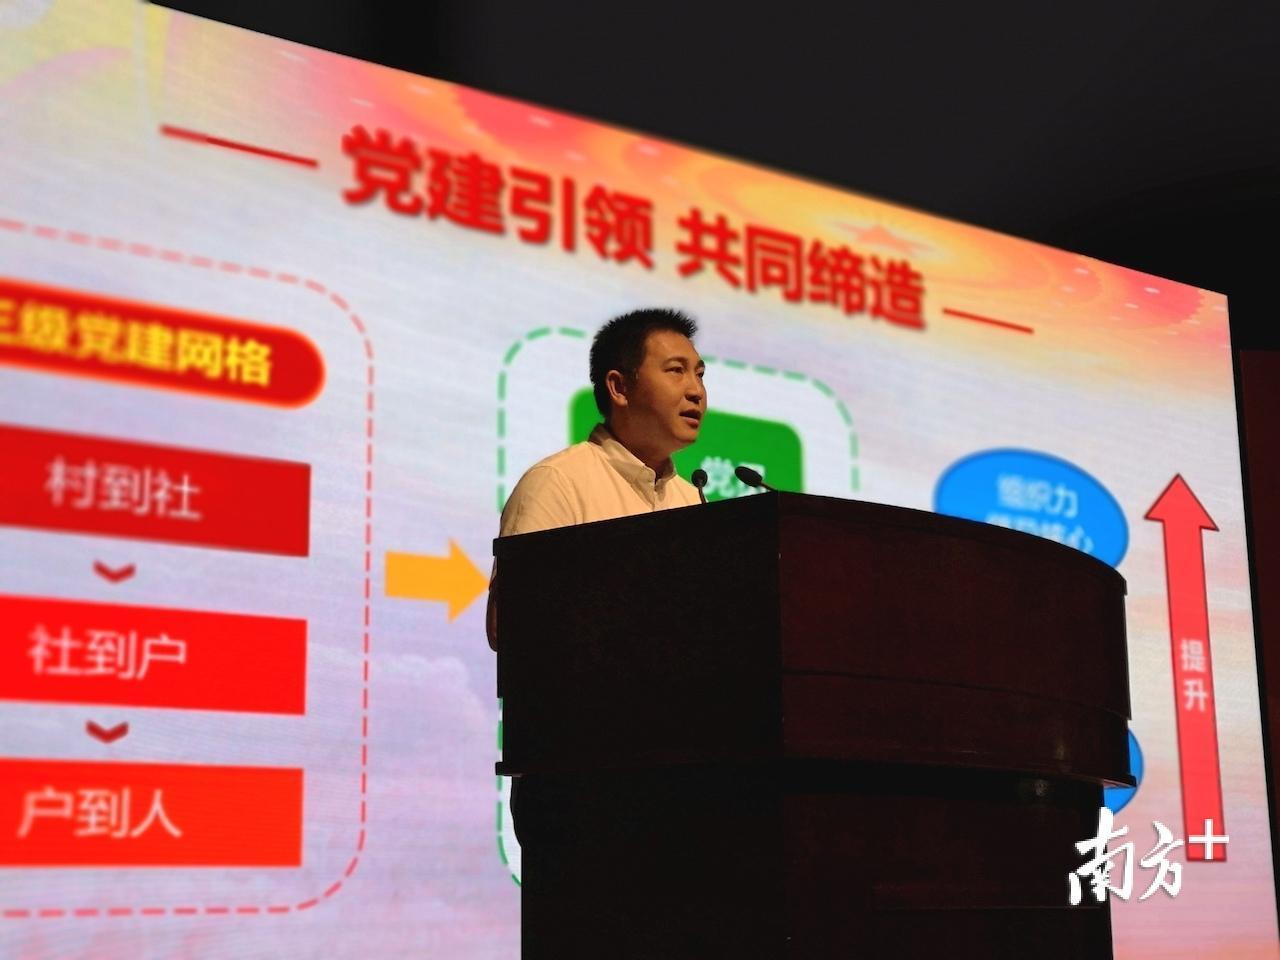 """里水镇宏岗村党委书记李汉荣介绍""""三级党建网格""""治理经验。"""